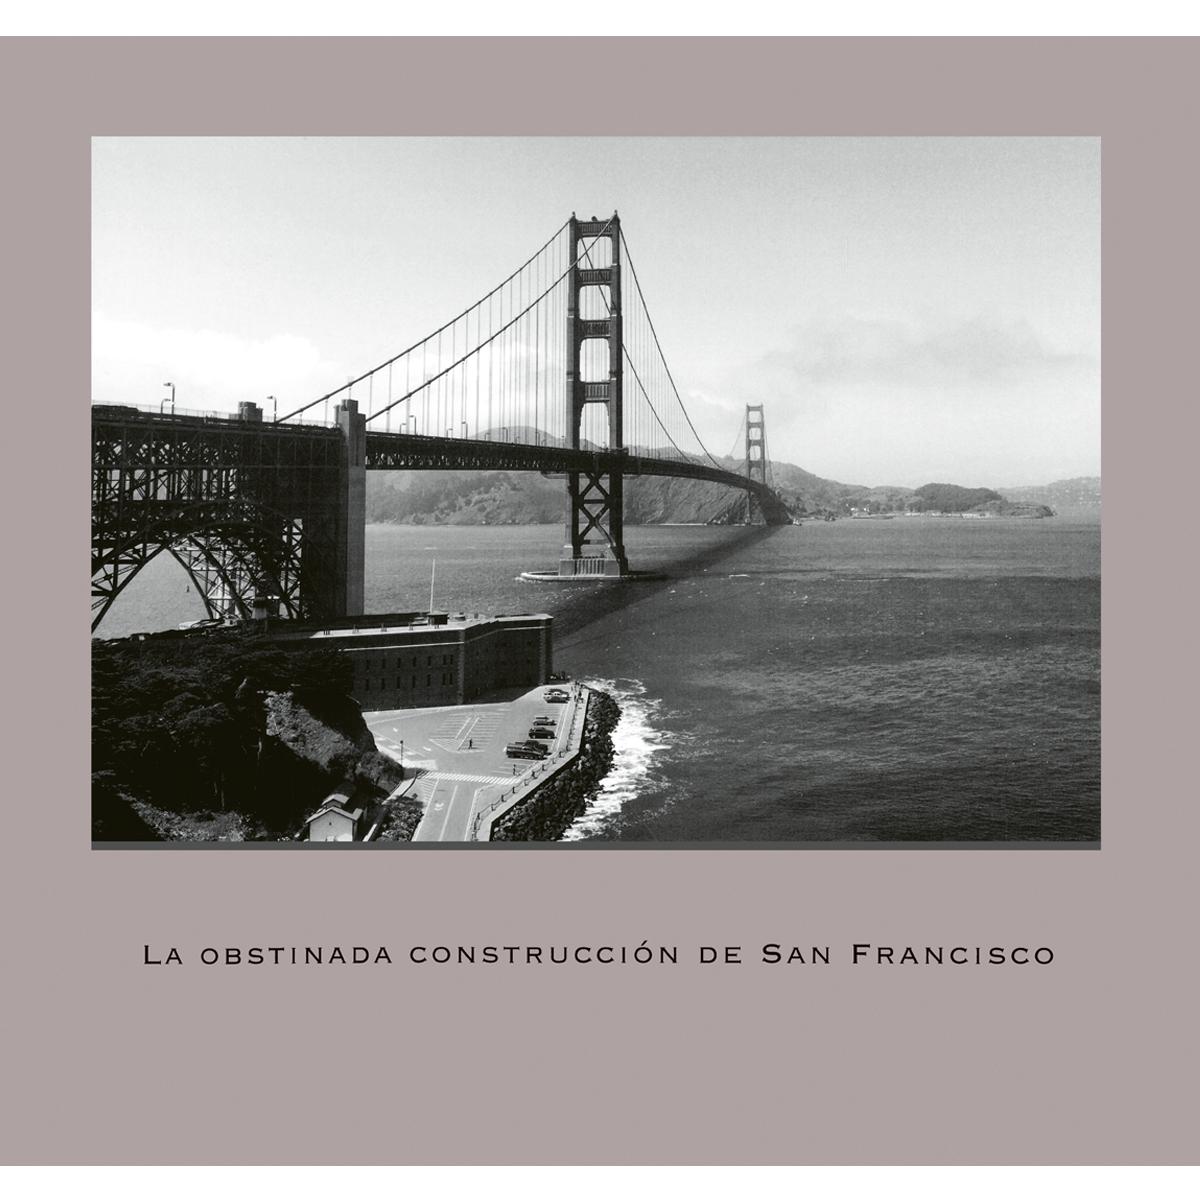 La obstinada construcción de San Francisco